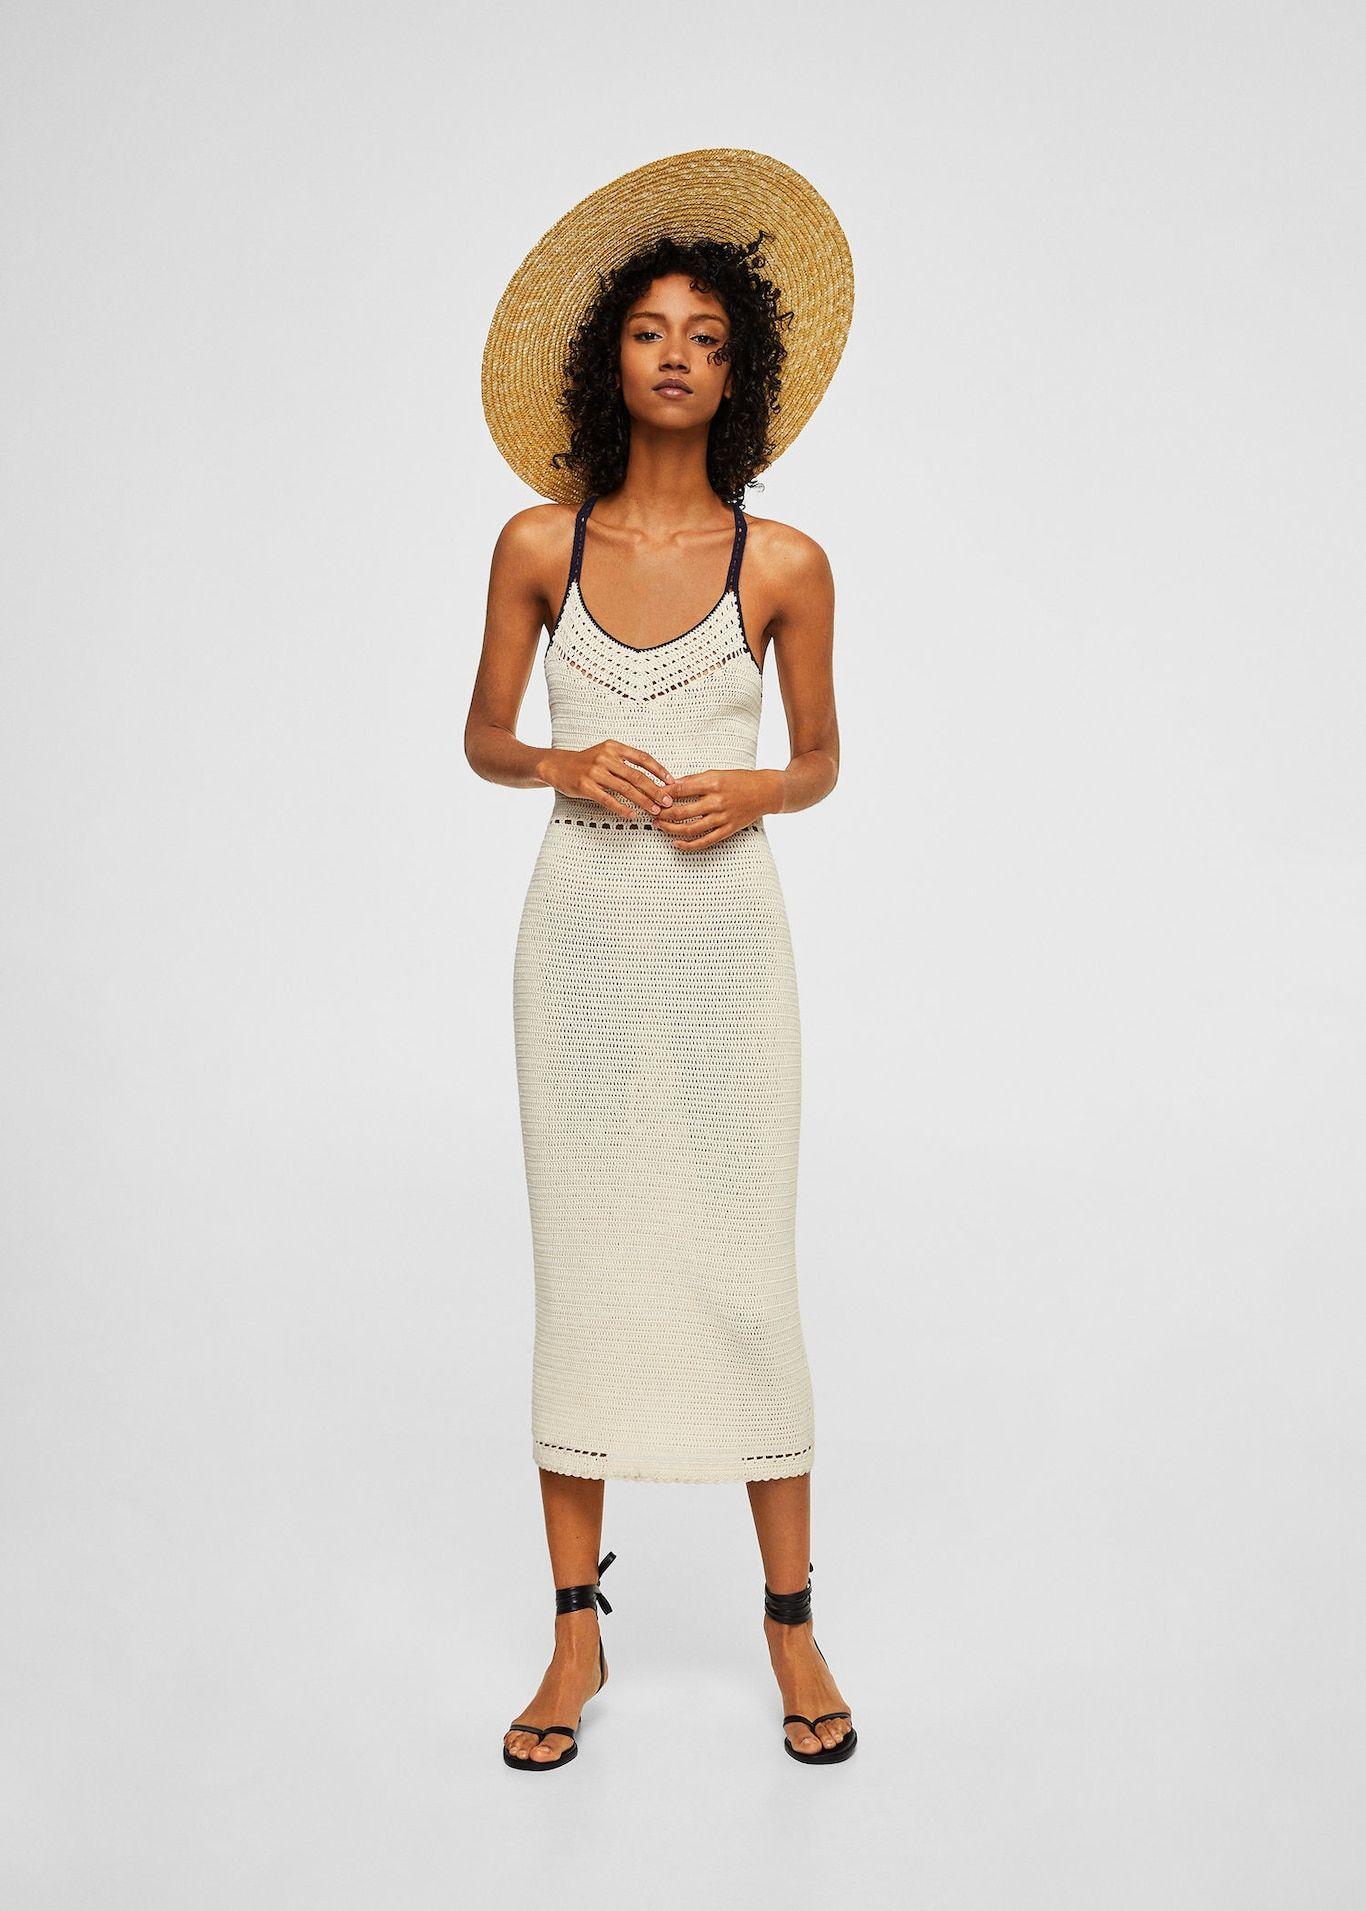 Crochet dress – Woman